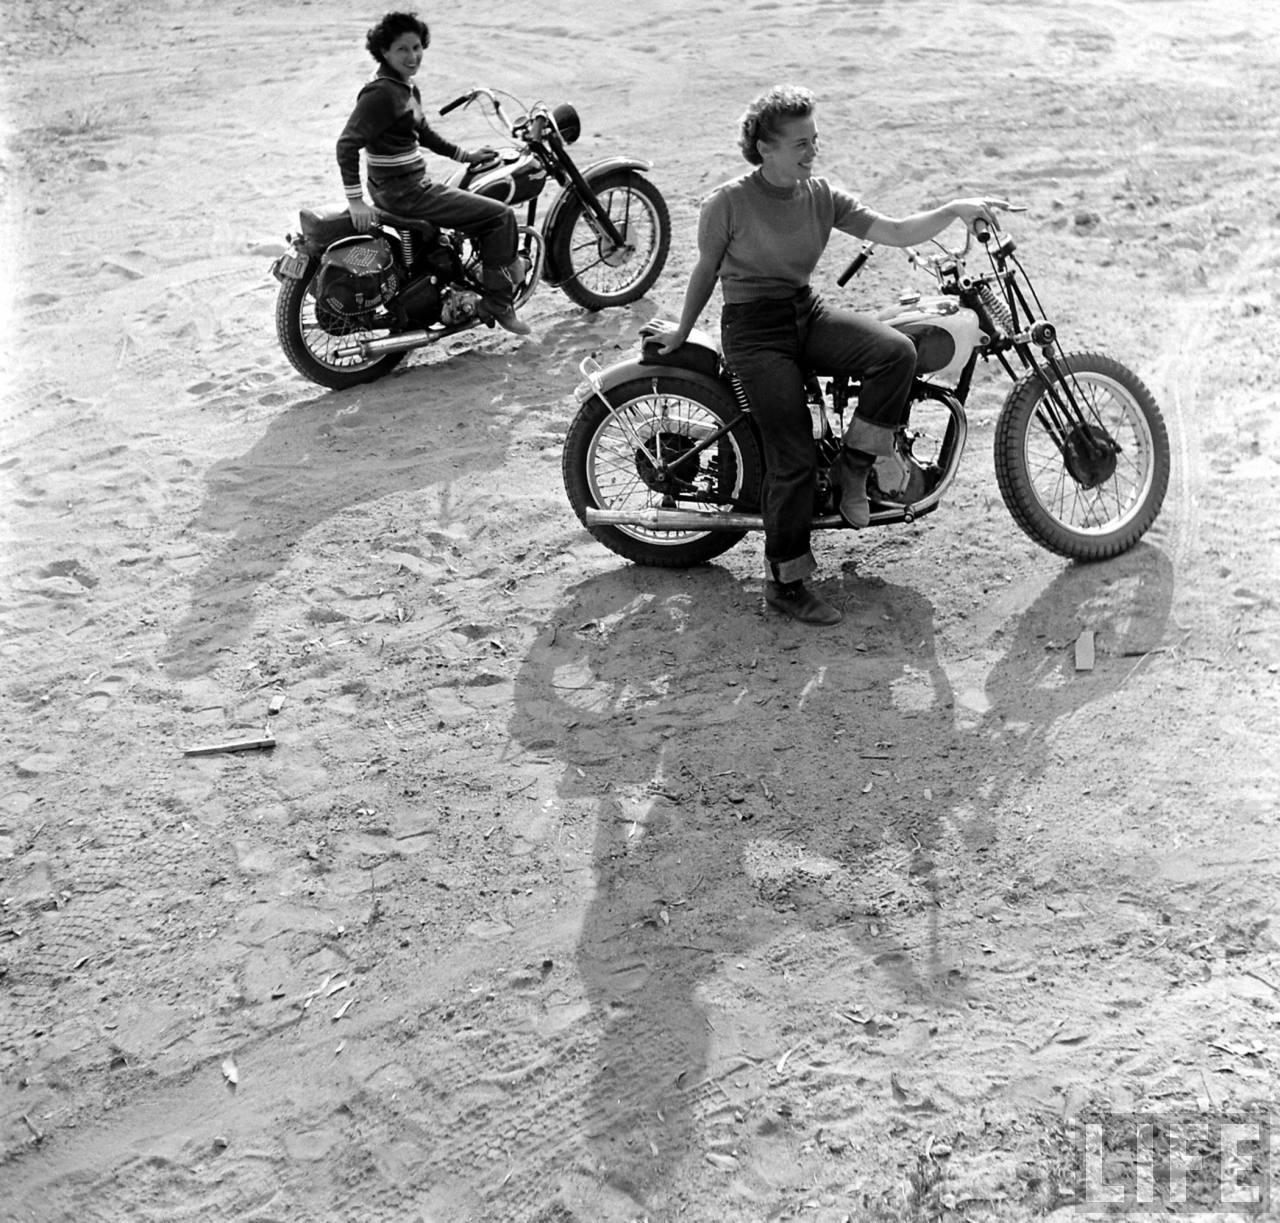 loomis-dean-motorcycles-1949-16